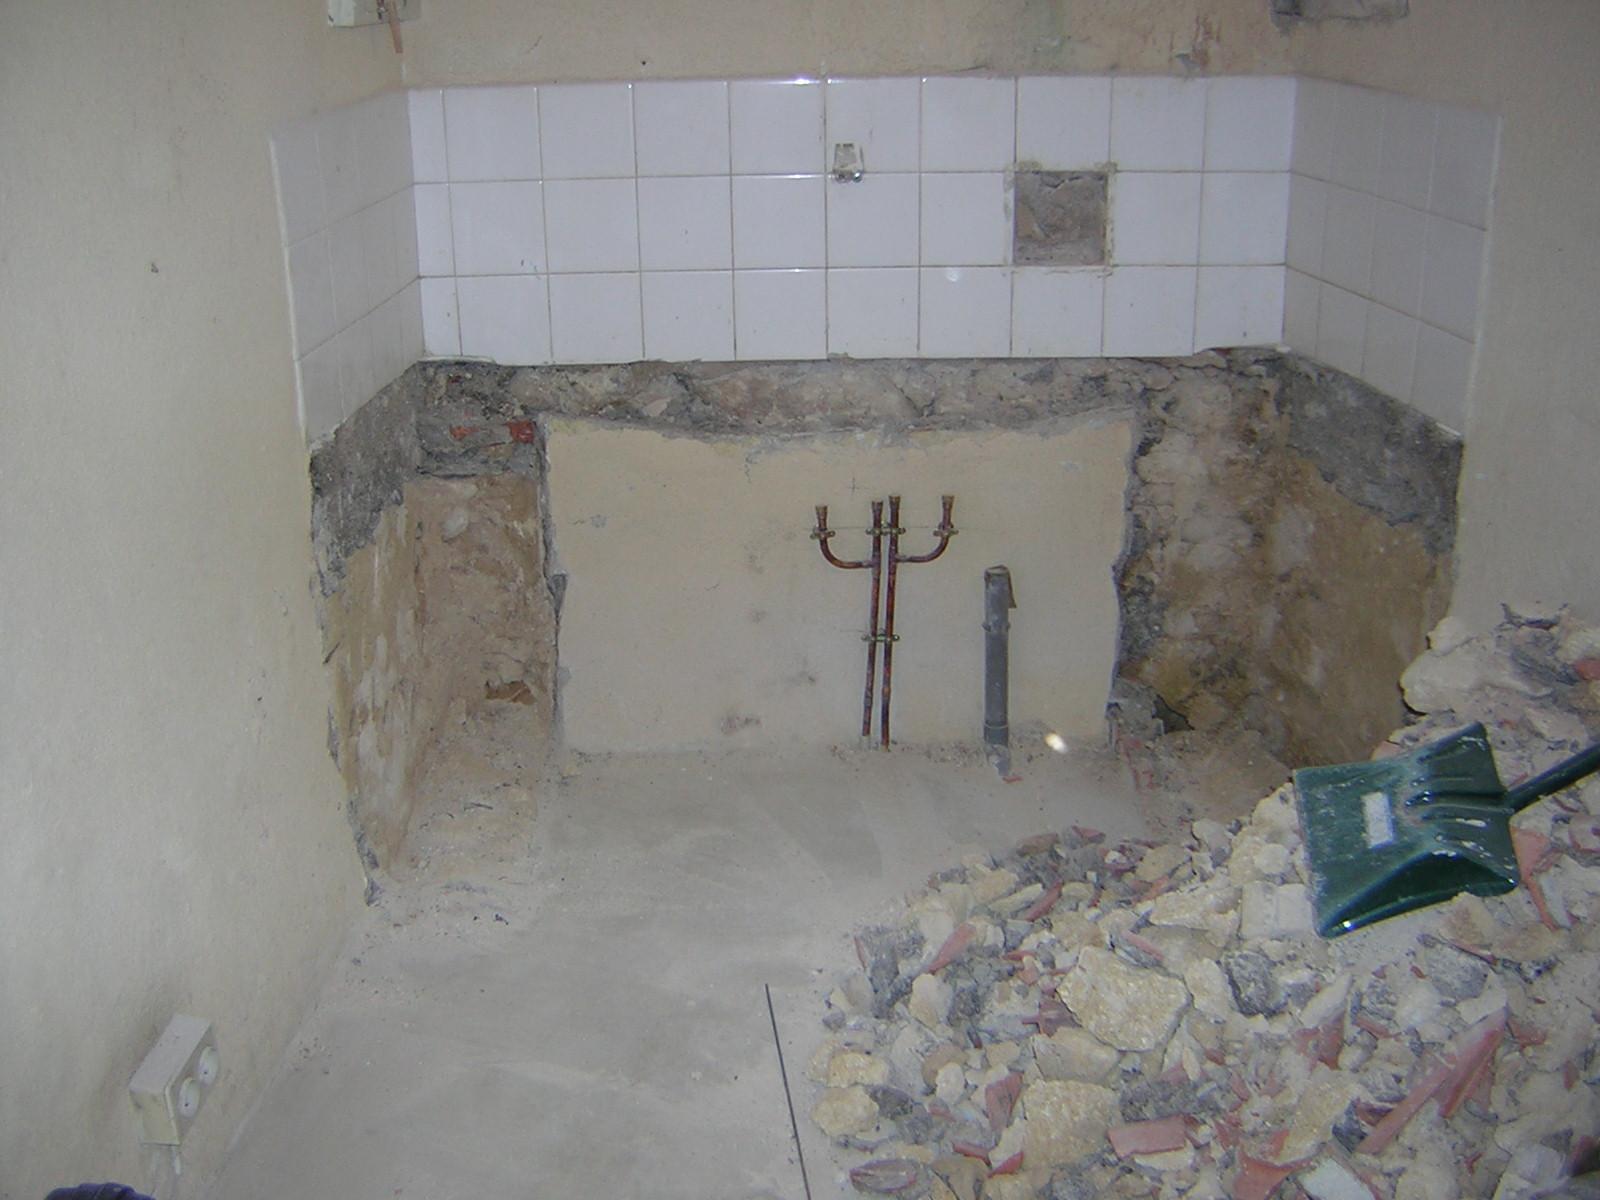 d coration travaux salle de bains 91 perpignan salle. Black Bedroom Furniture Sets. Home Design Ideas